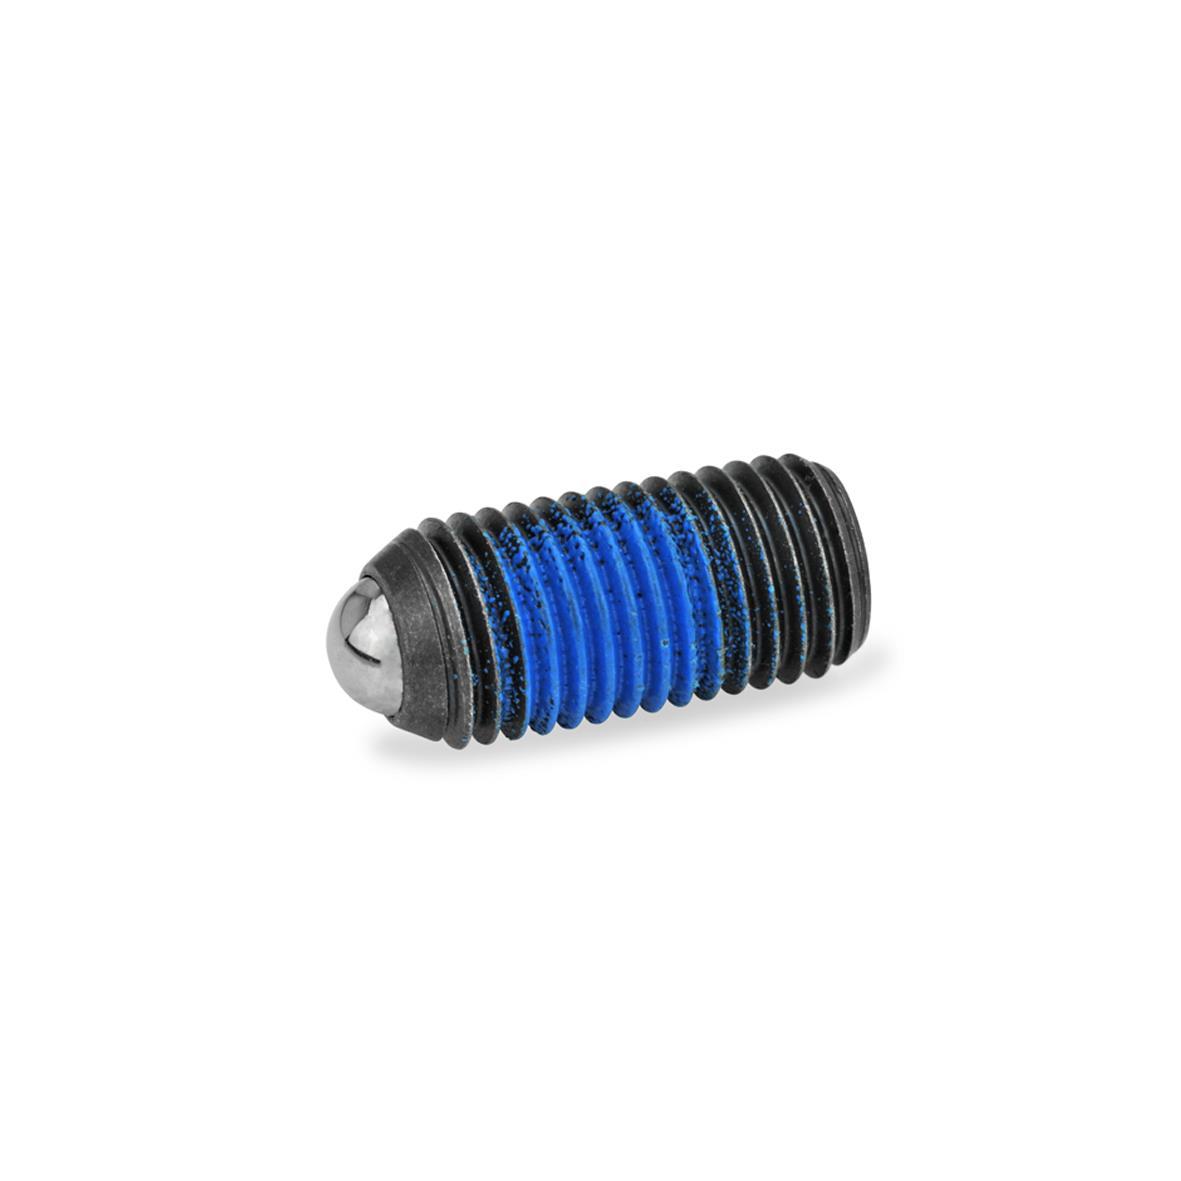 GN 615.3 Posicionadores de muelle con bloqueo de rosca, acero / acero inoxidable Tipo: K - Acero, carga del muelle estándar Bloqueo de rosca: PFB - Parche de poliamida